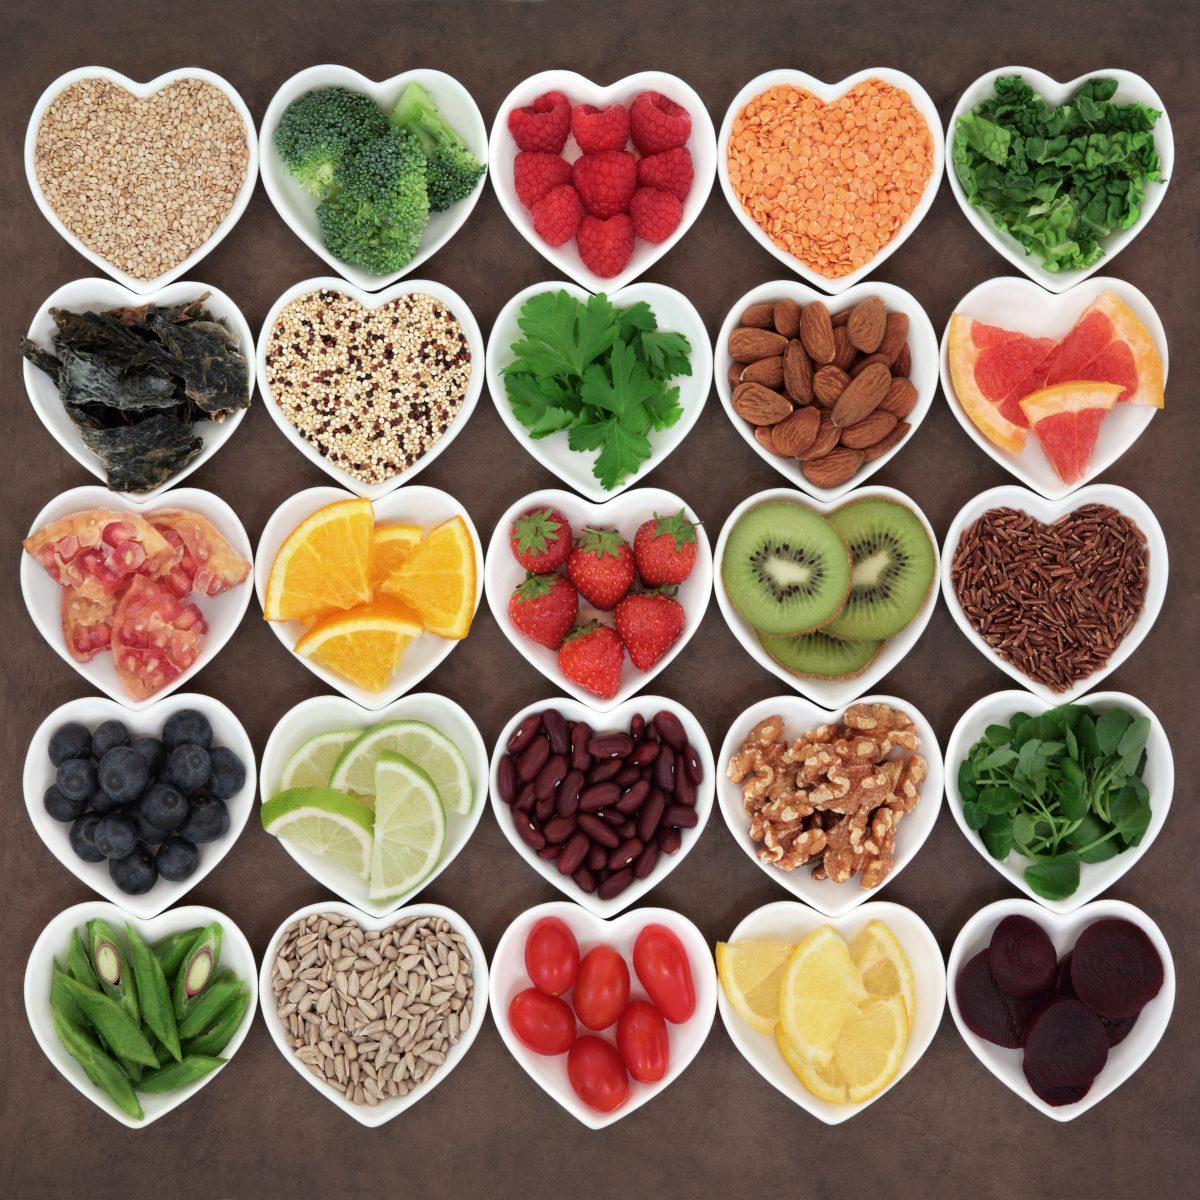 creative-veggies-1-1200x1200.jpg